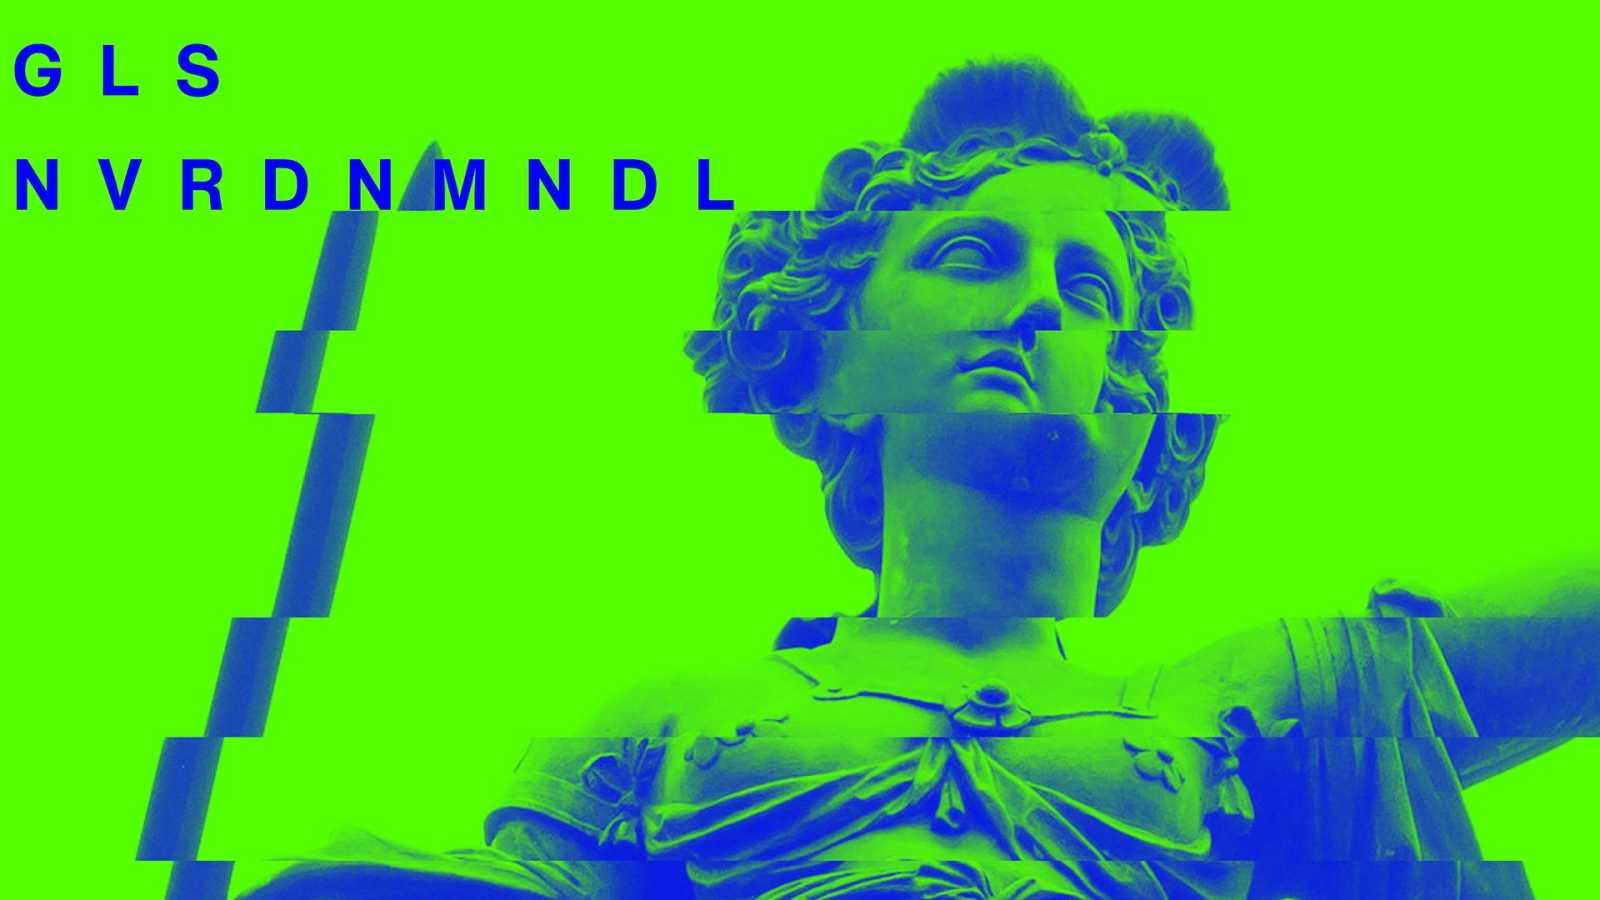 Hoy empieza todo con Marta Echeverría - Bombín ordena el mundo, blues con Tolentino y Cosmopoética - 27/11/20 - escuchar ahora